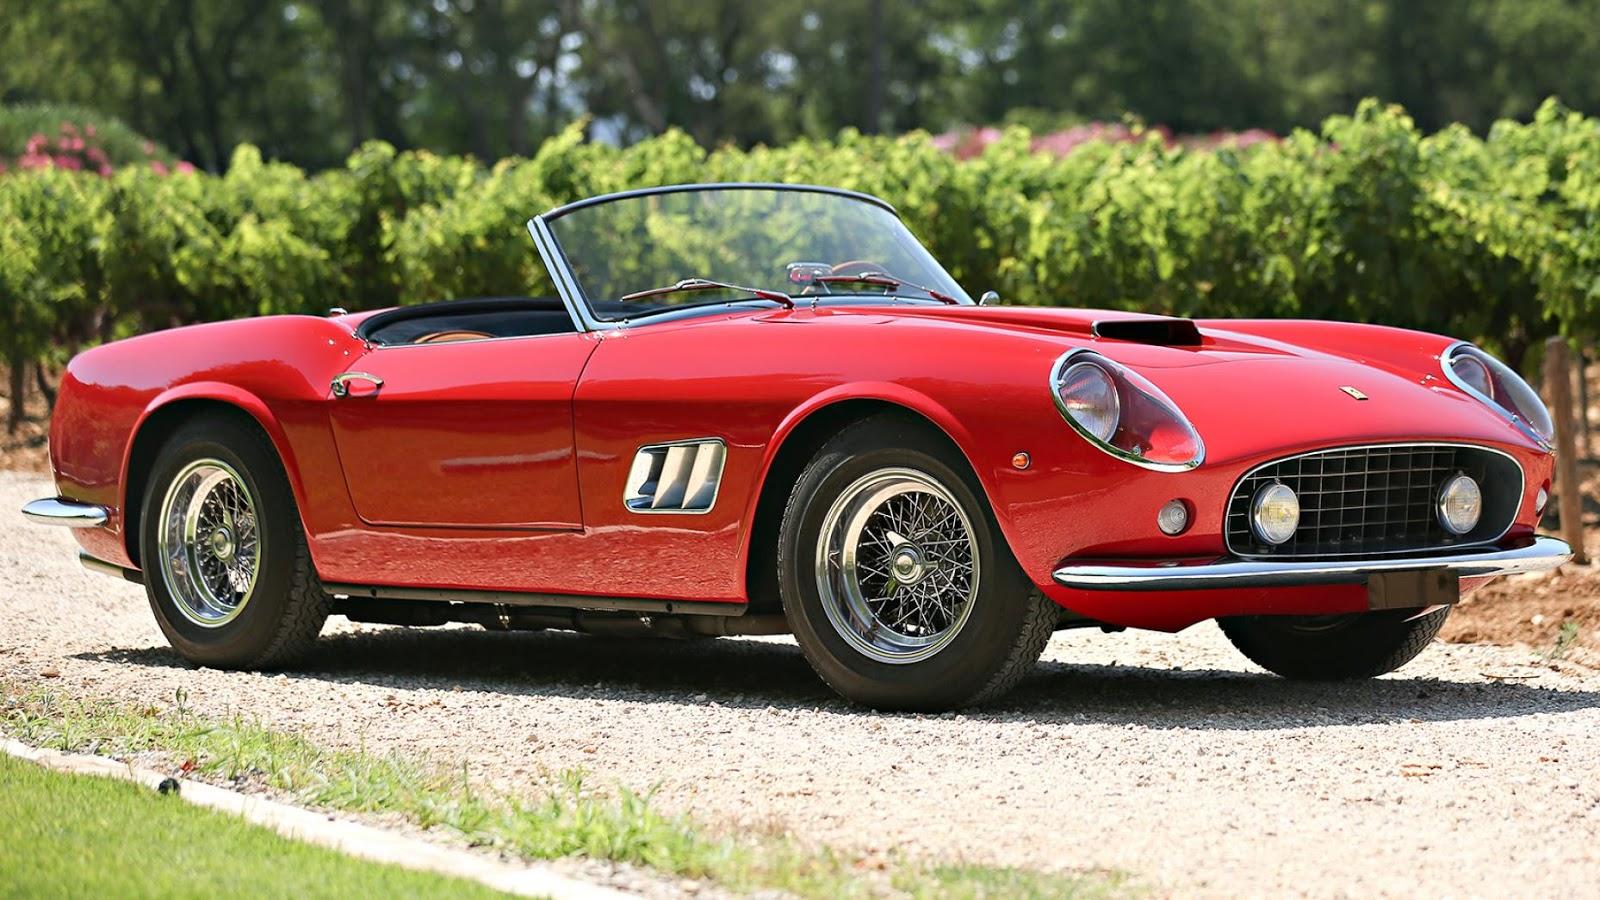 $16,830,000 – 1961 Ferrari 250 GT SWB California Spider